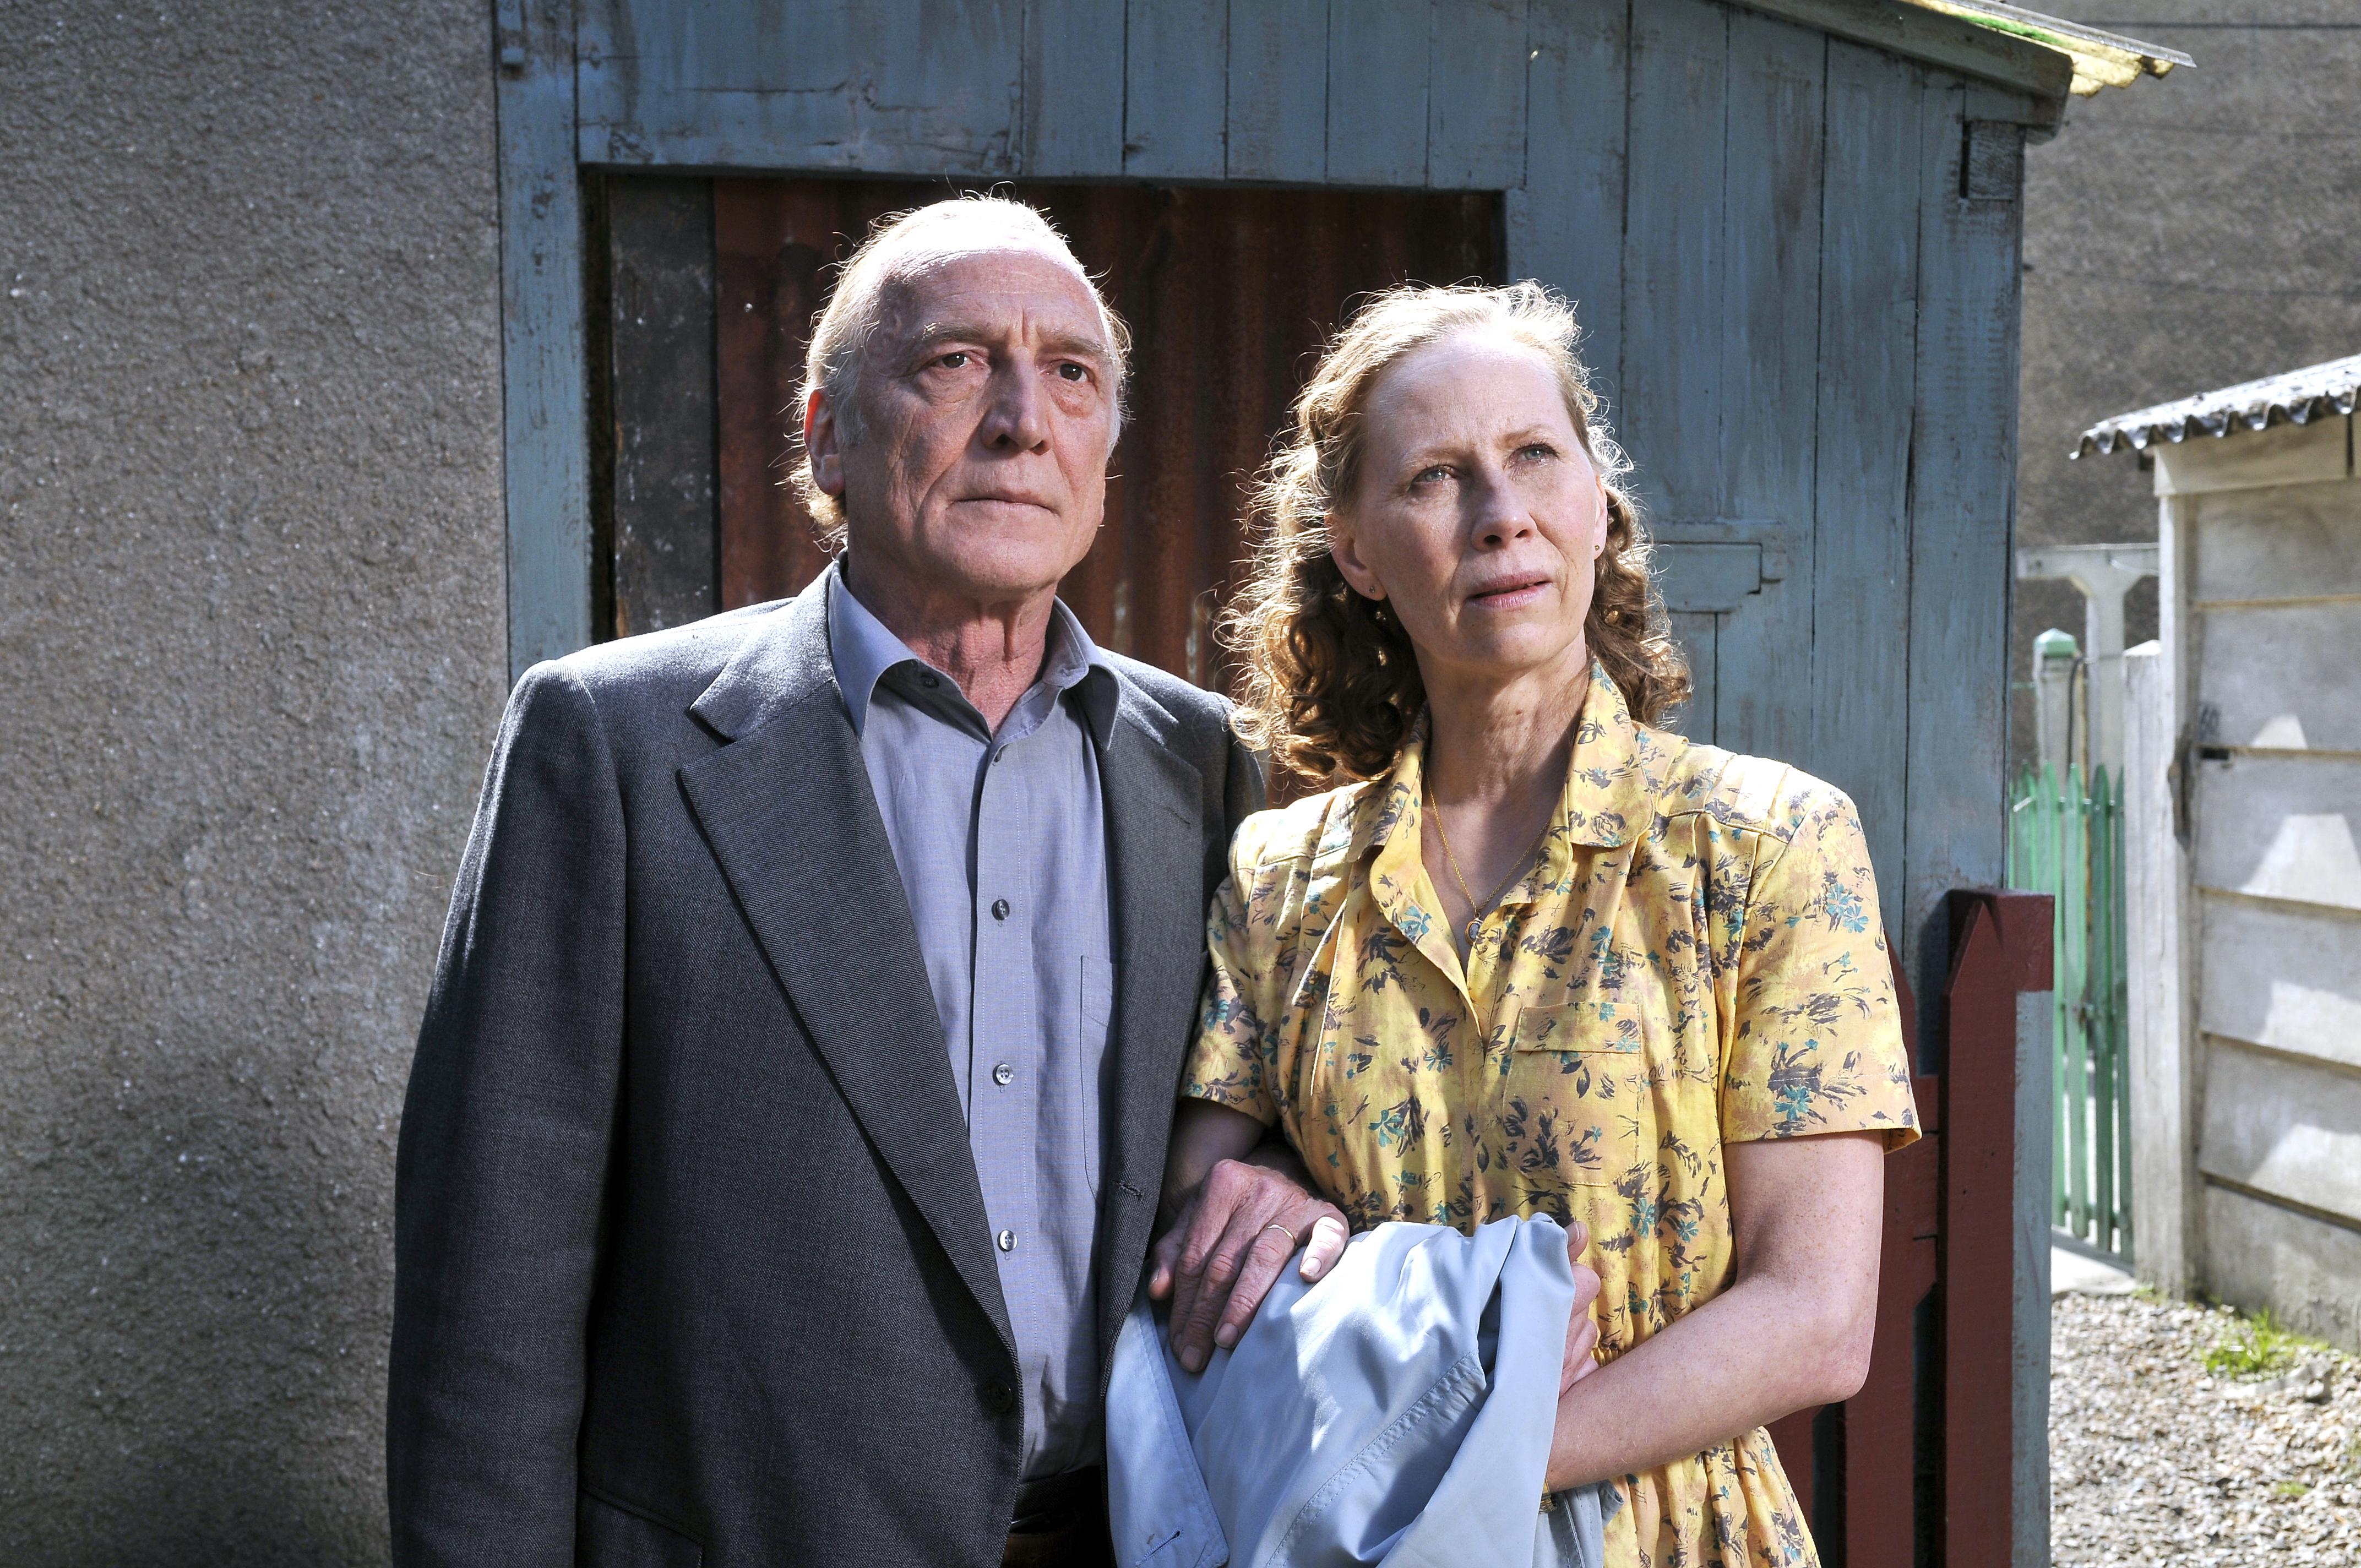 André Wilms et Kati Outinen dans Le Havre